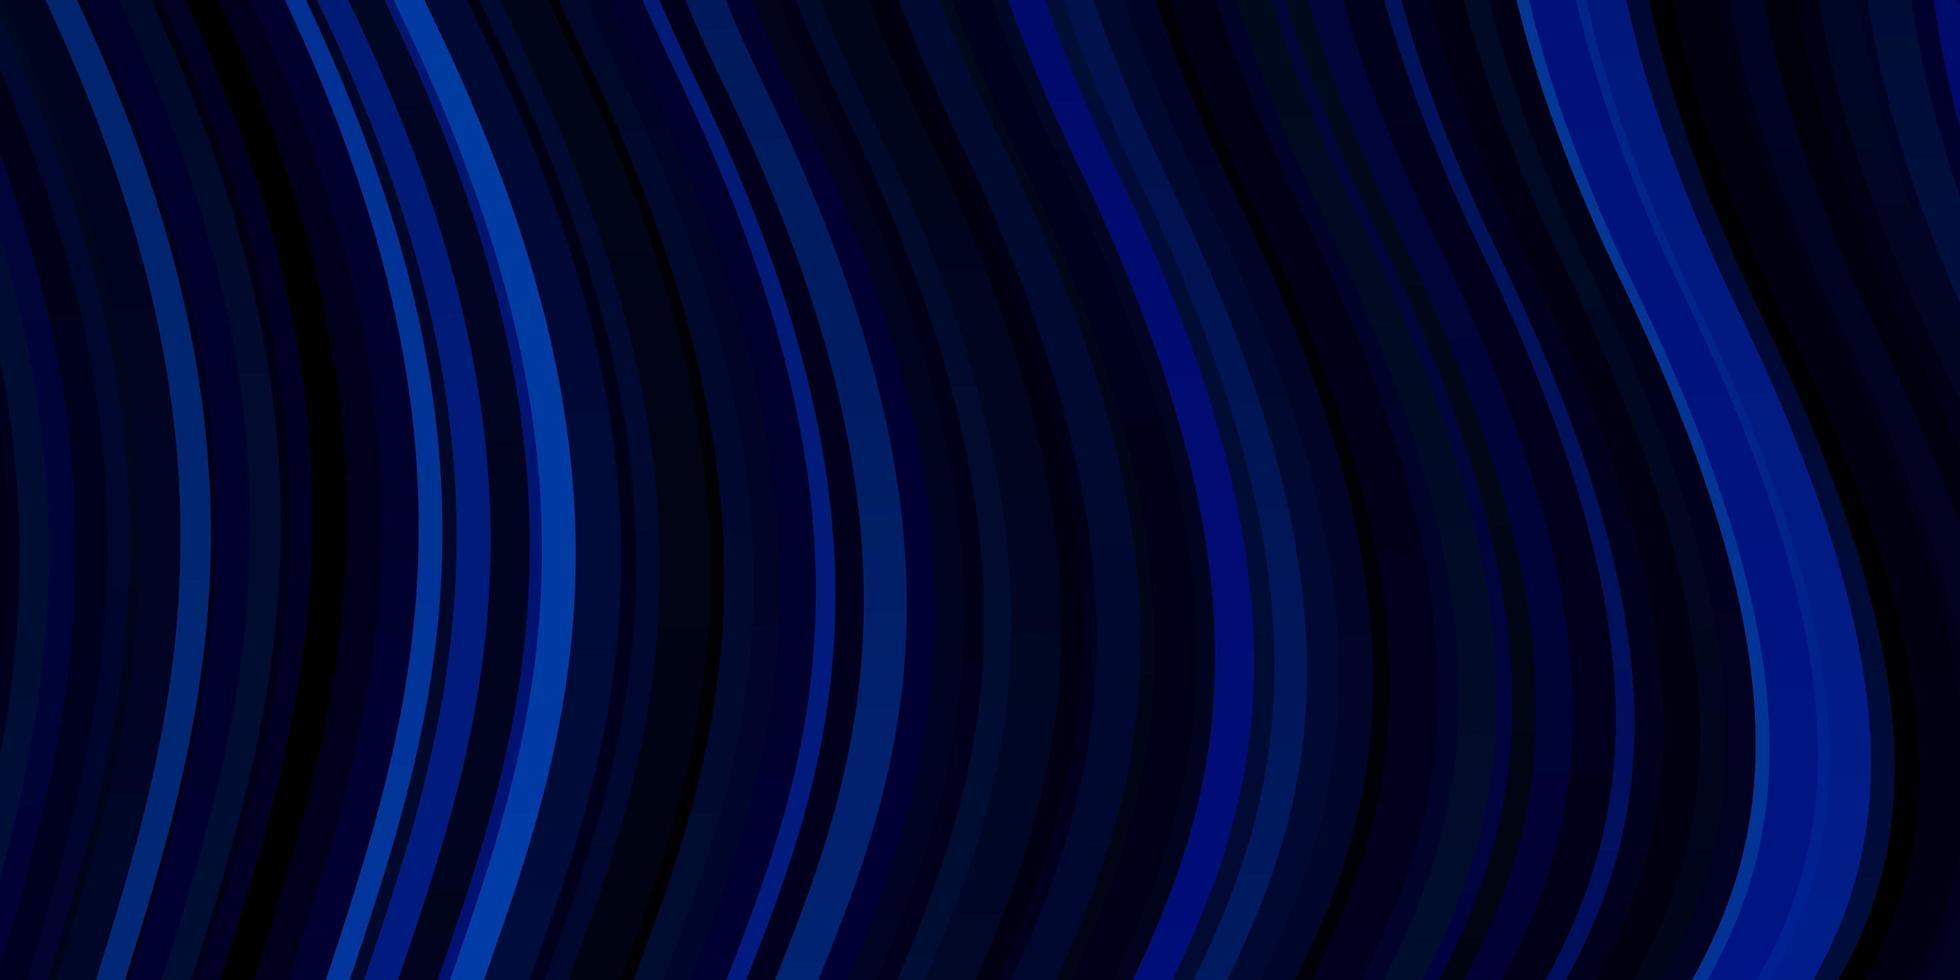 sfondo blu scuro con linee piegate. vettore